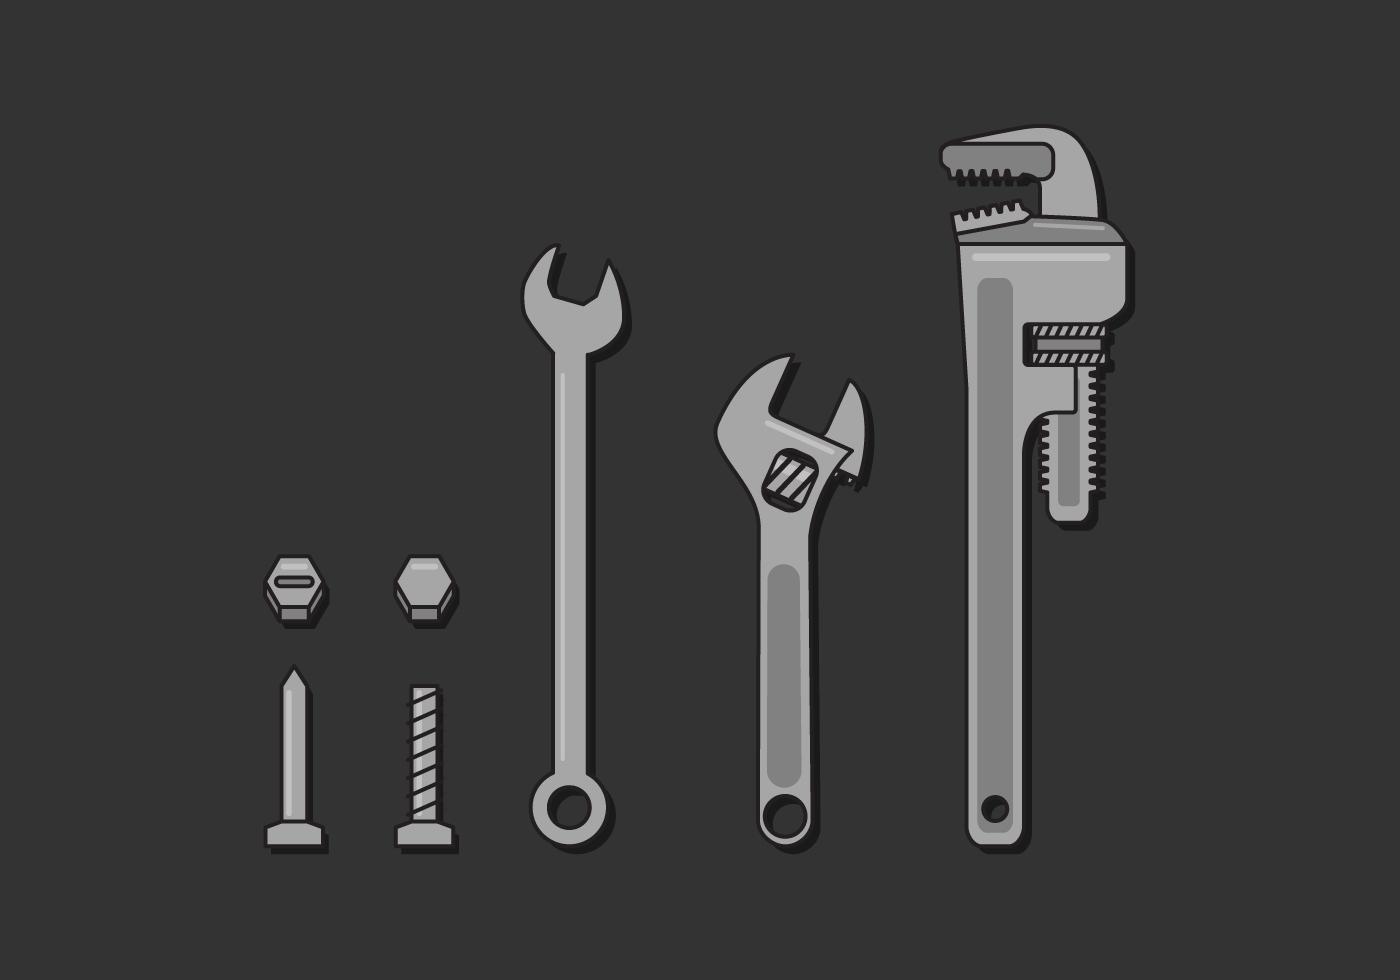 工具素材 免費下載 | 天天瘋後製